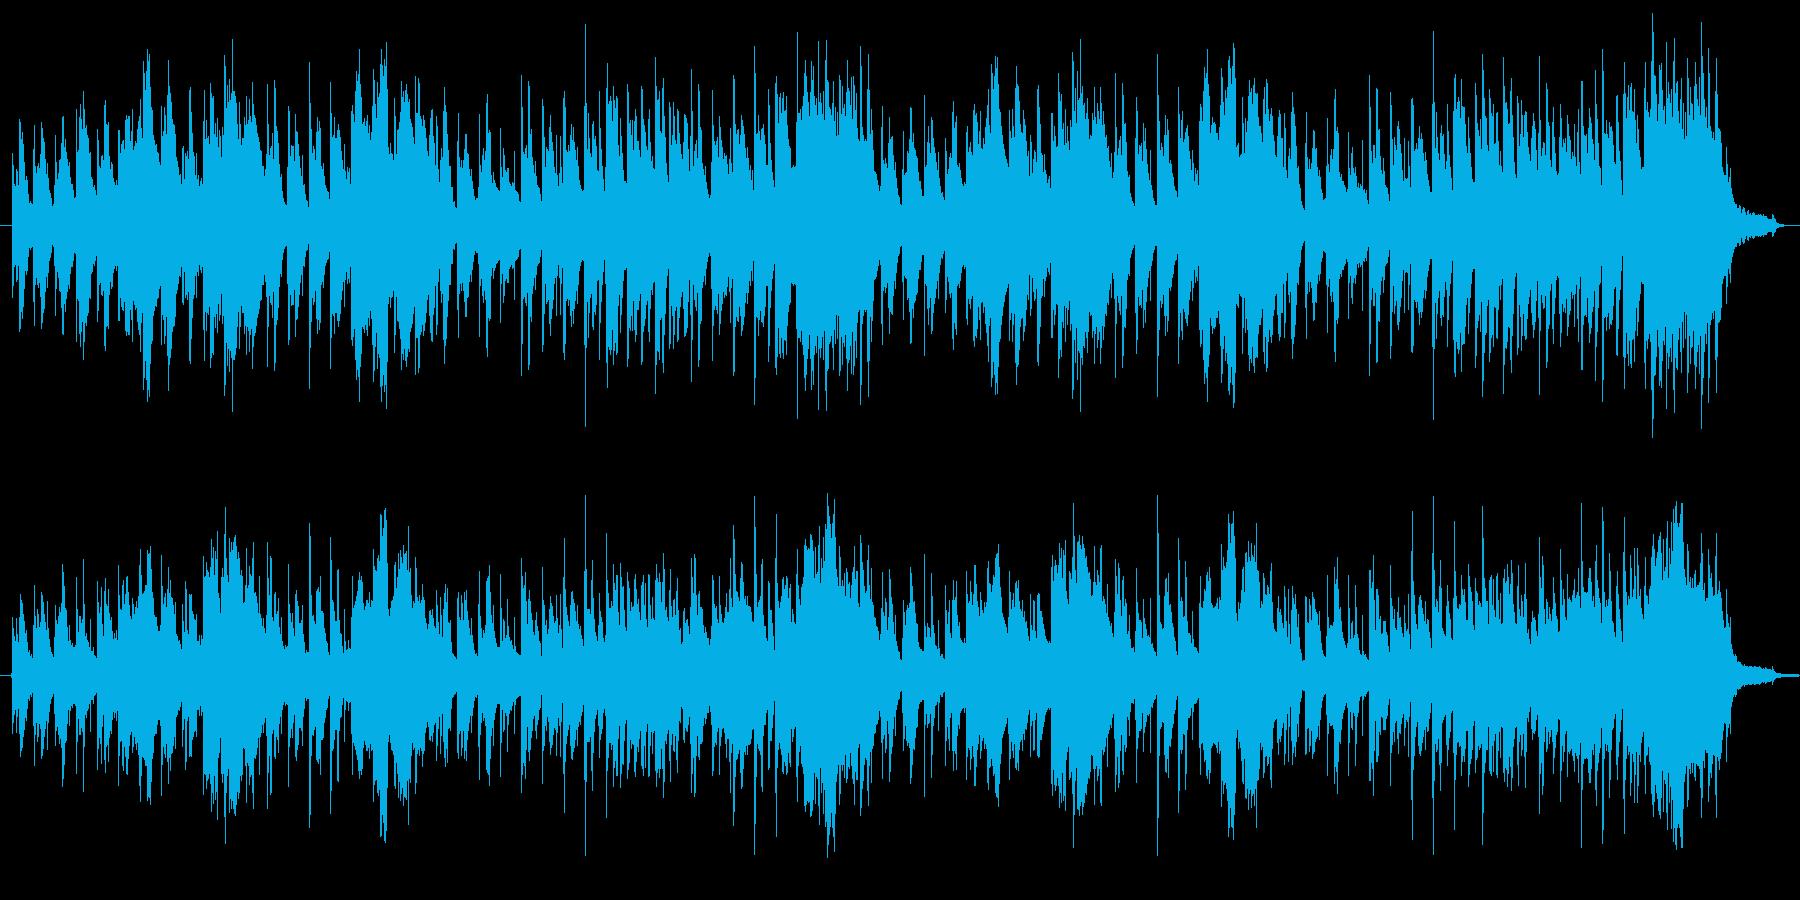 のんびりした3拍子のアコースティックの再生済みの波形